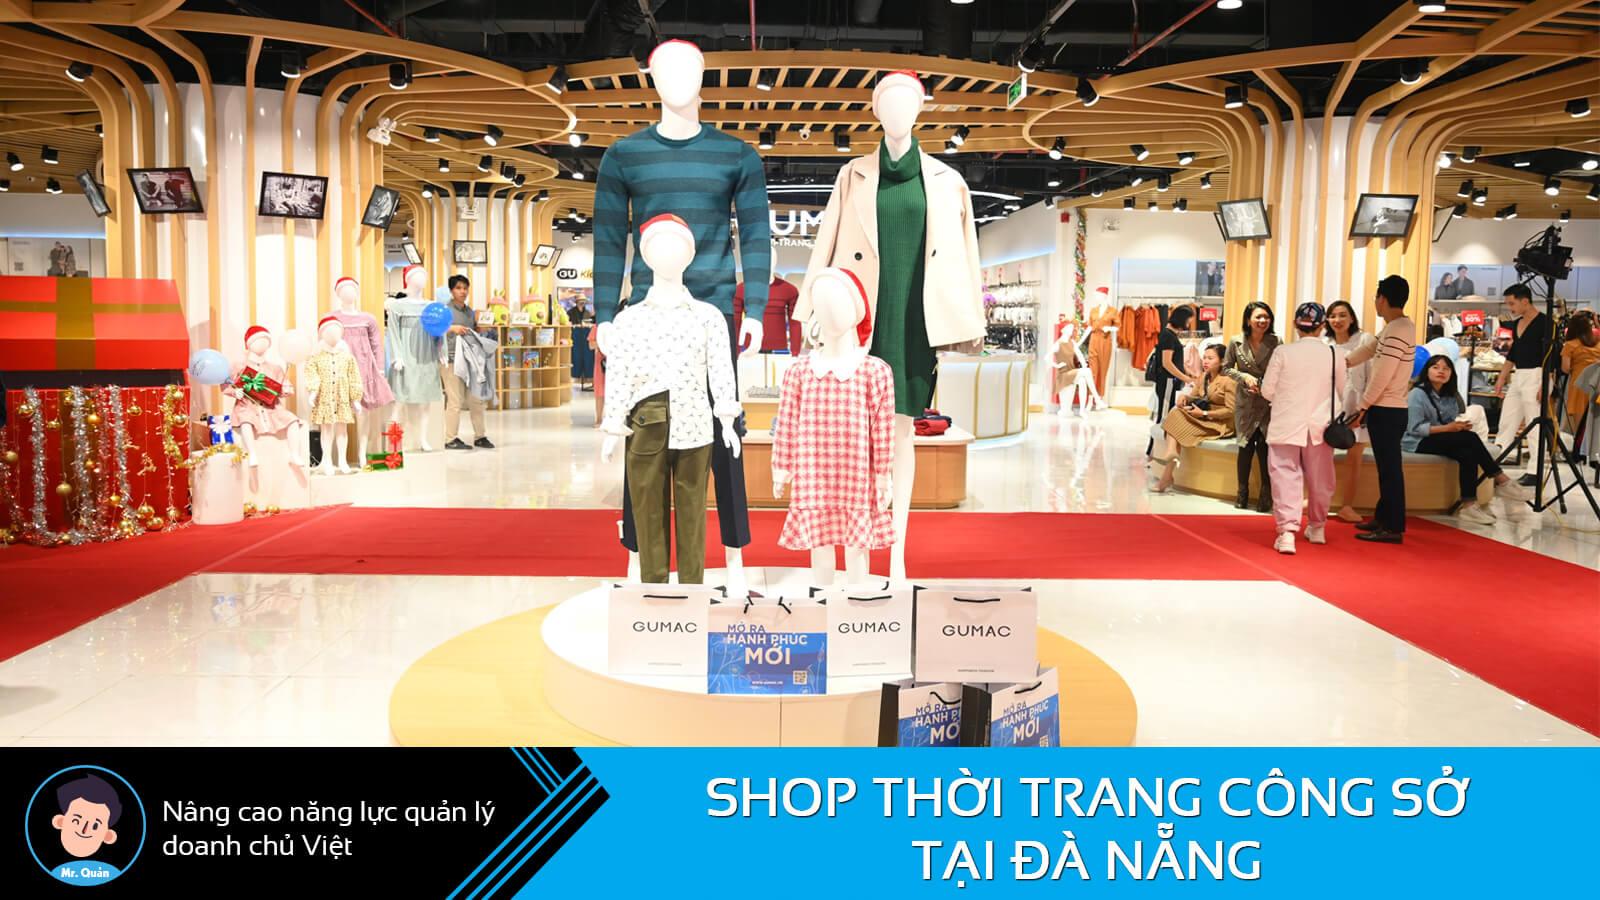 Shop thời trang công sở Đà Nẵng Gumac